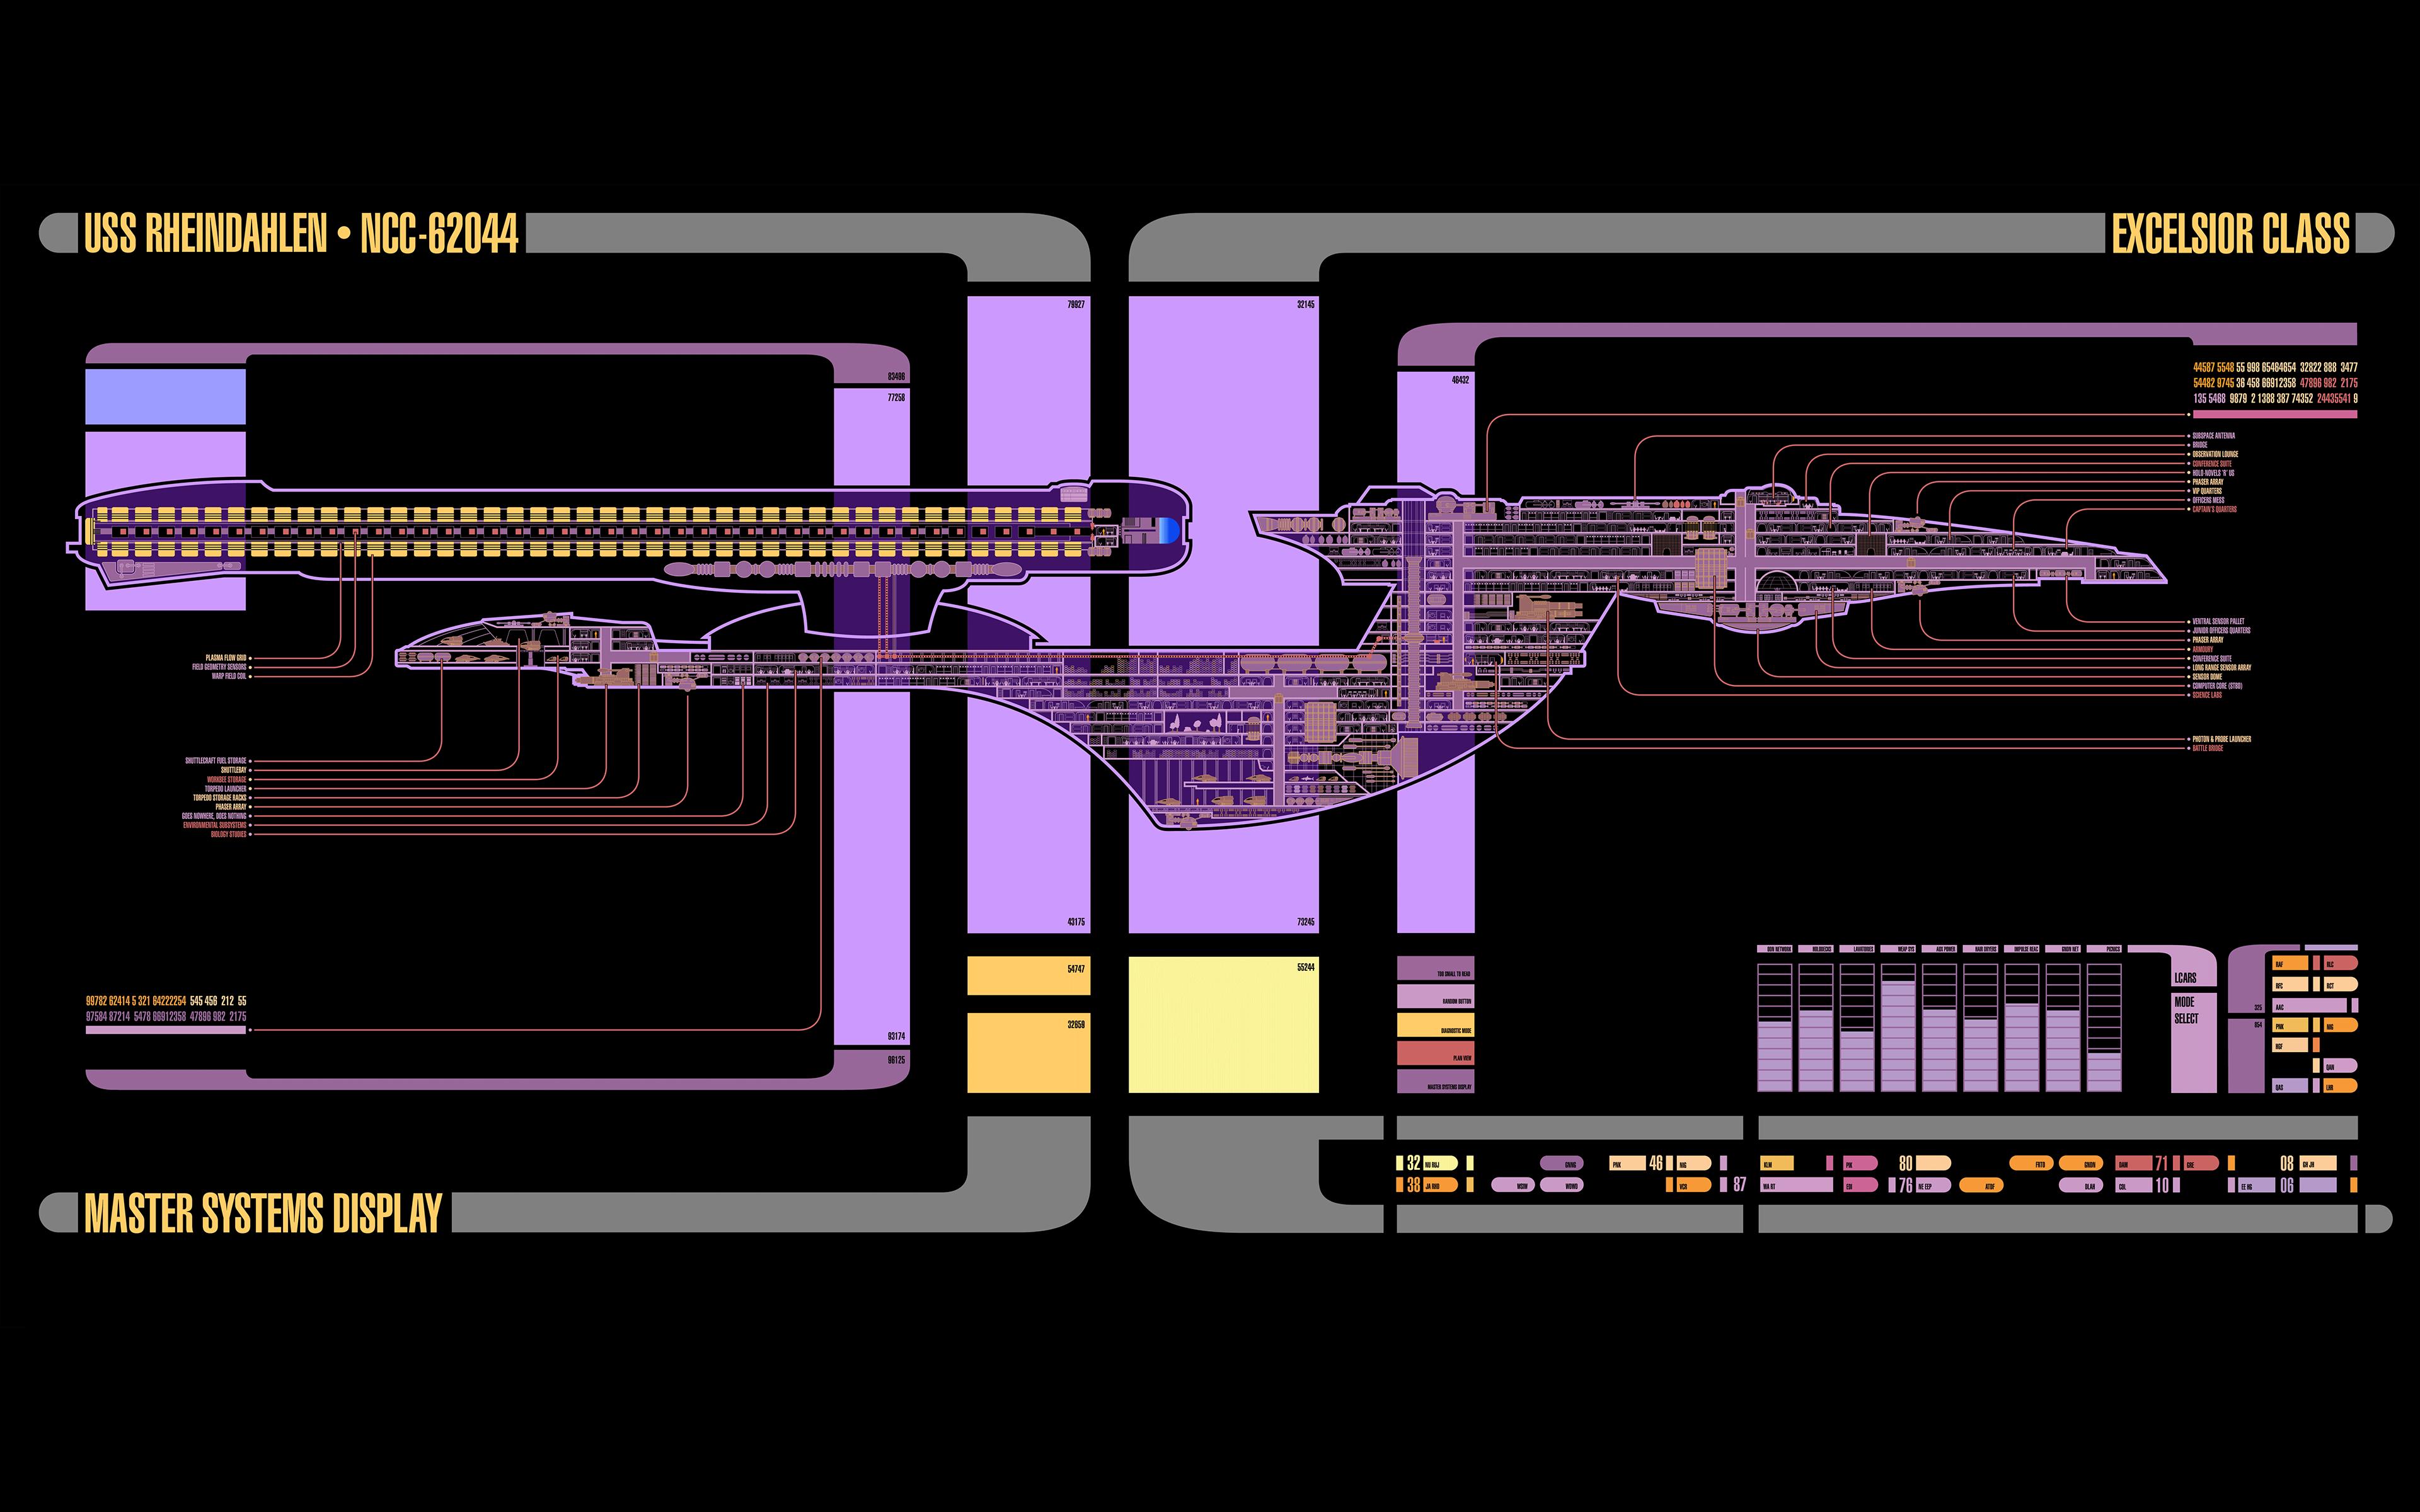 Hintergrundbilder : Illustration, Text, Raumschiff, Star Trek, Marke ...